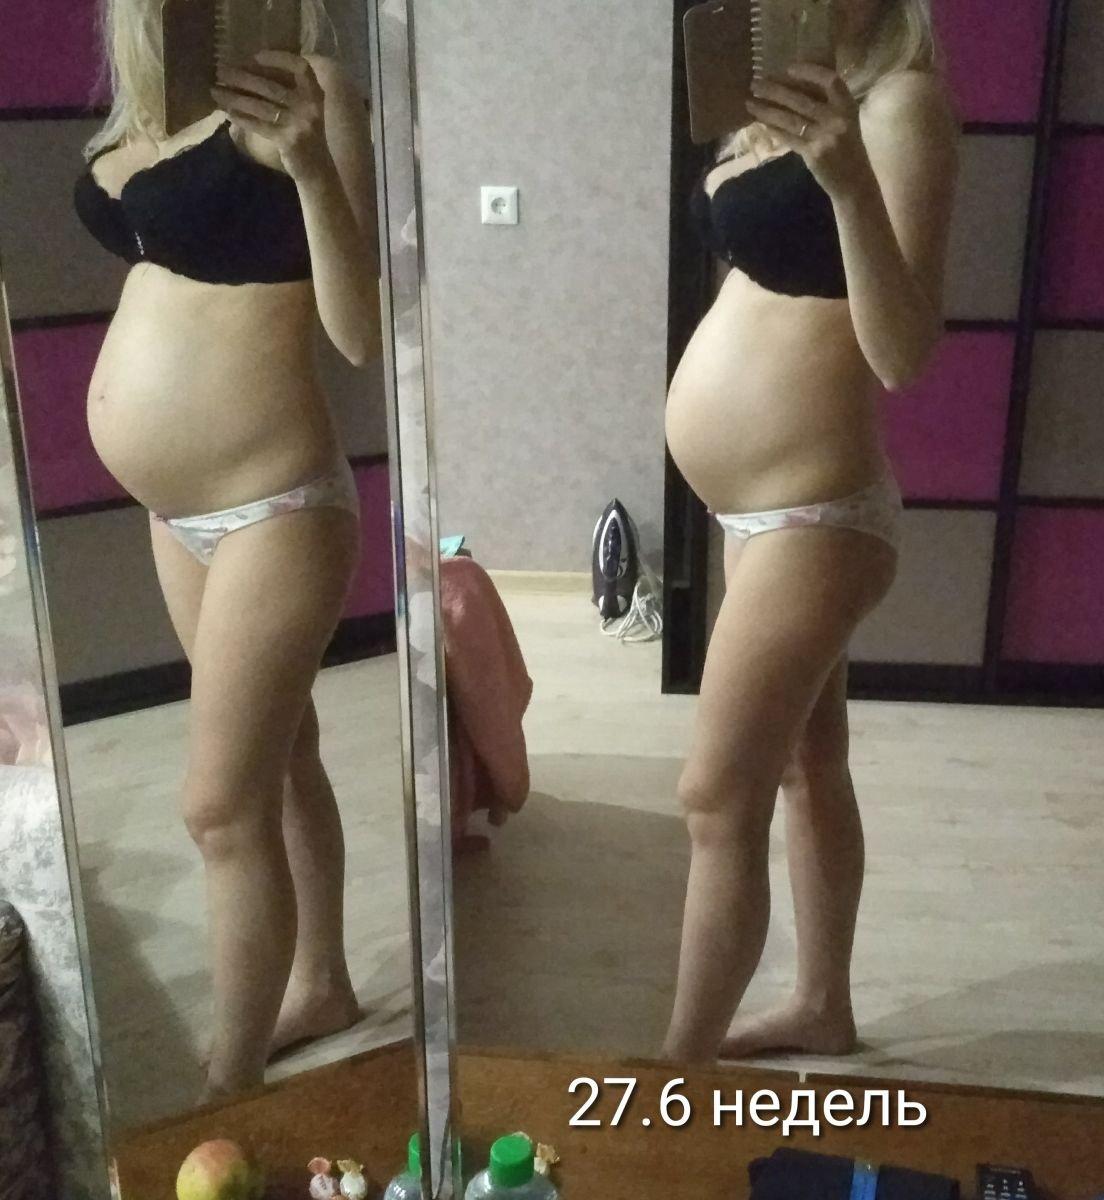 27 недель 6 дней